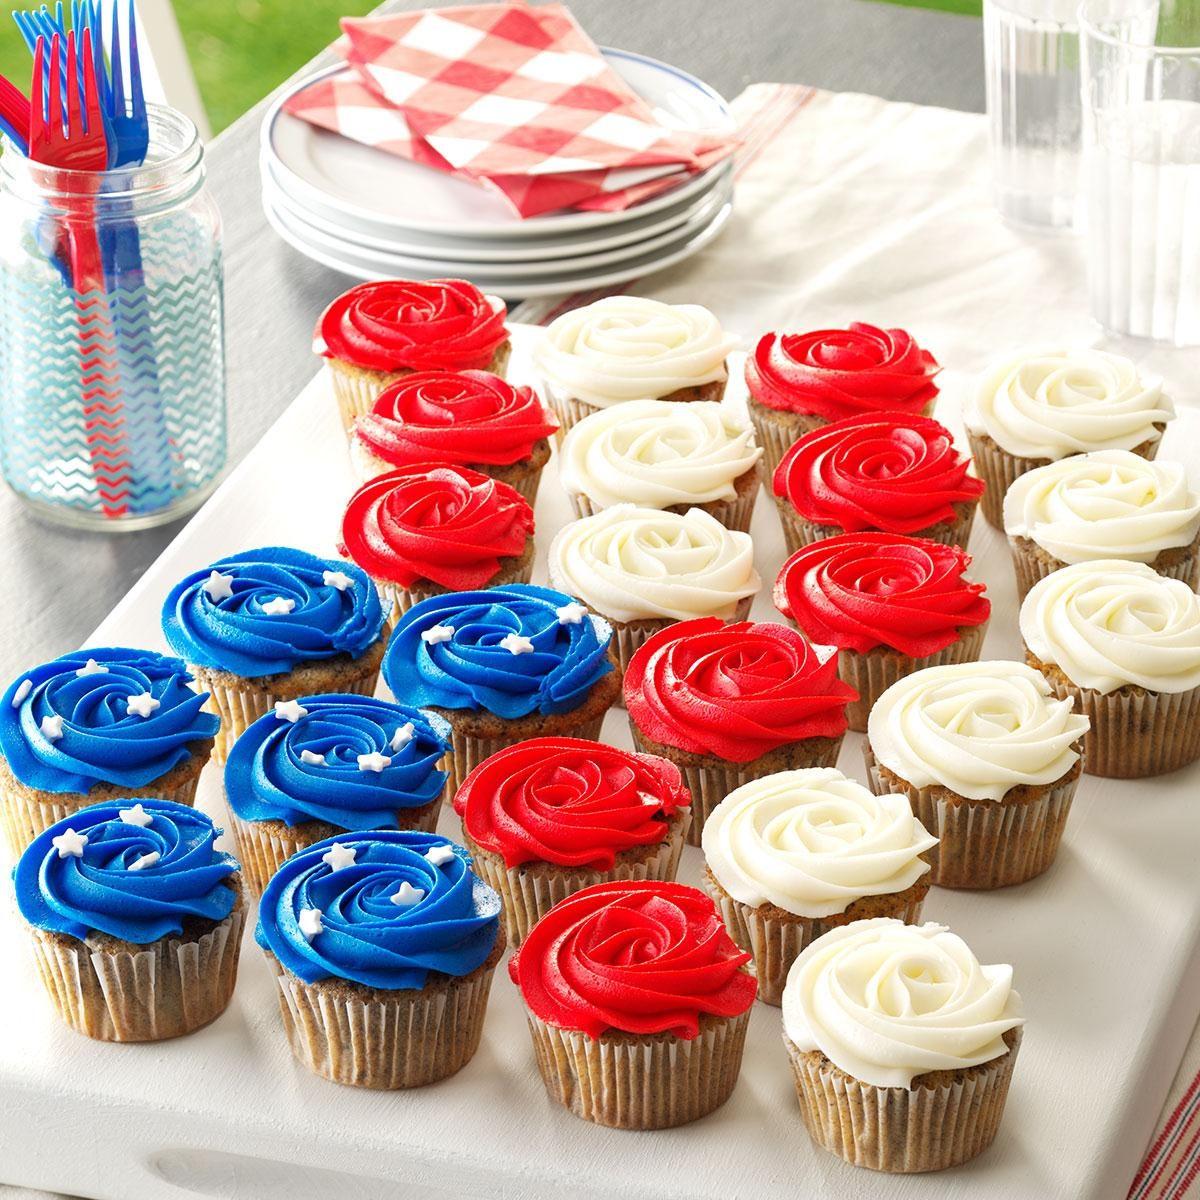 Patriotic Cookie Amp Cream Cupcakes Recipe